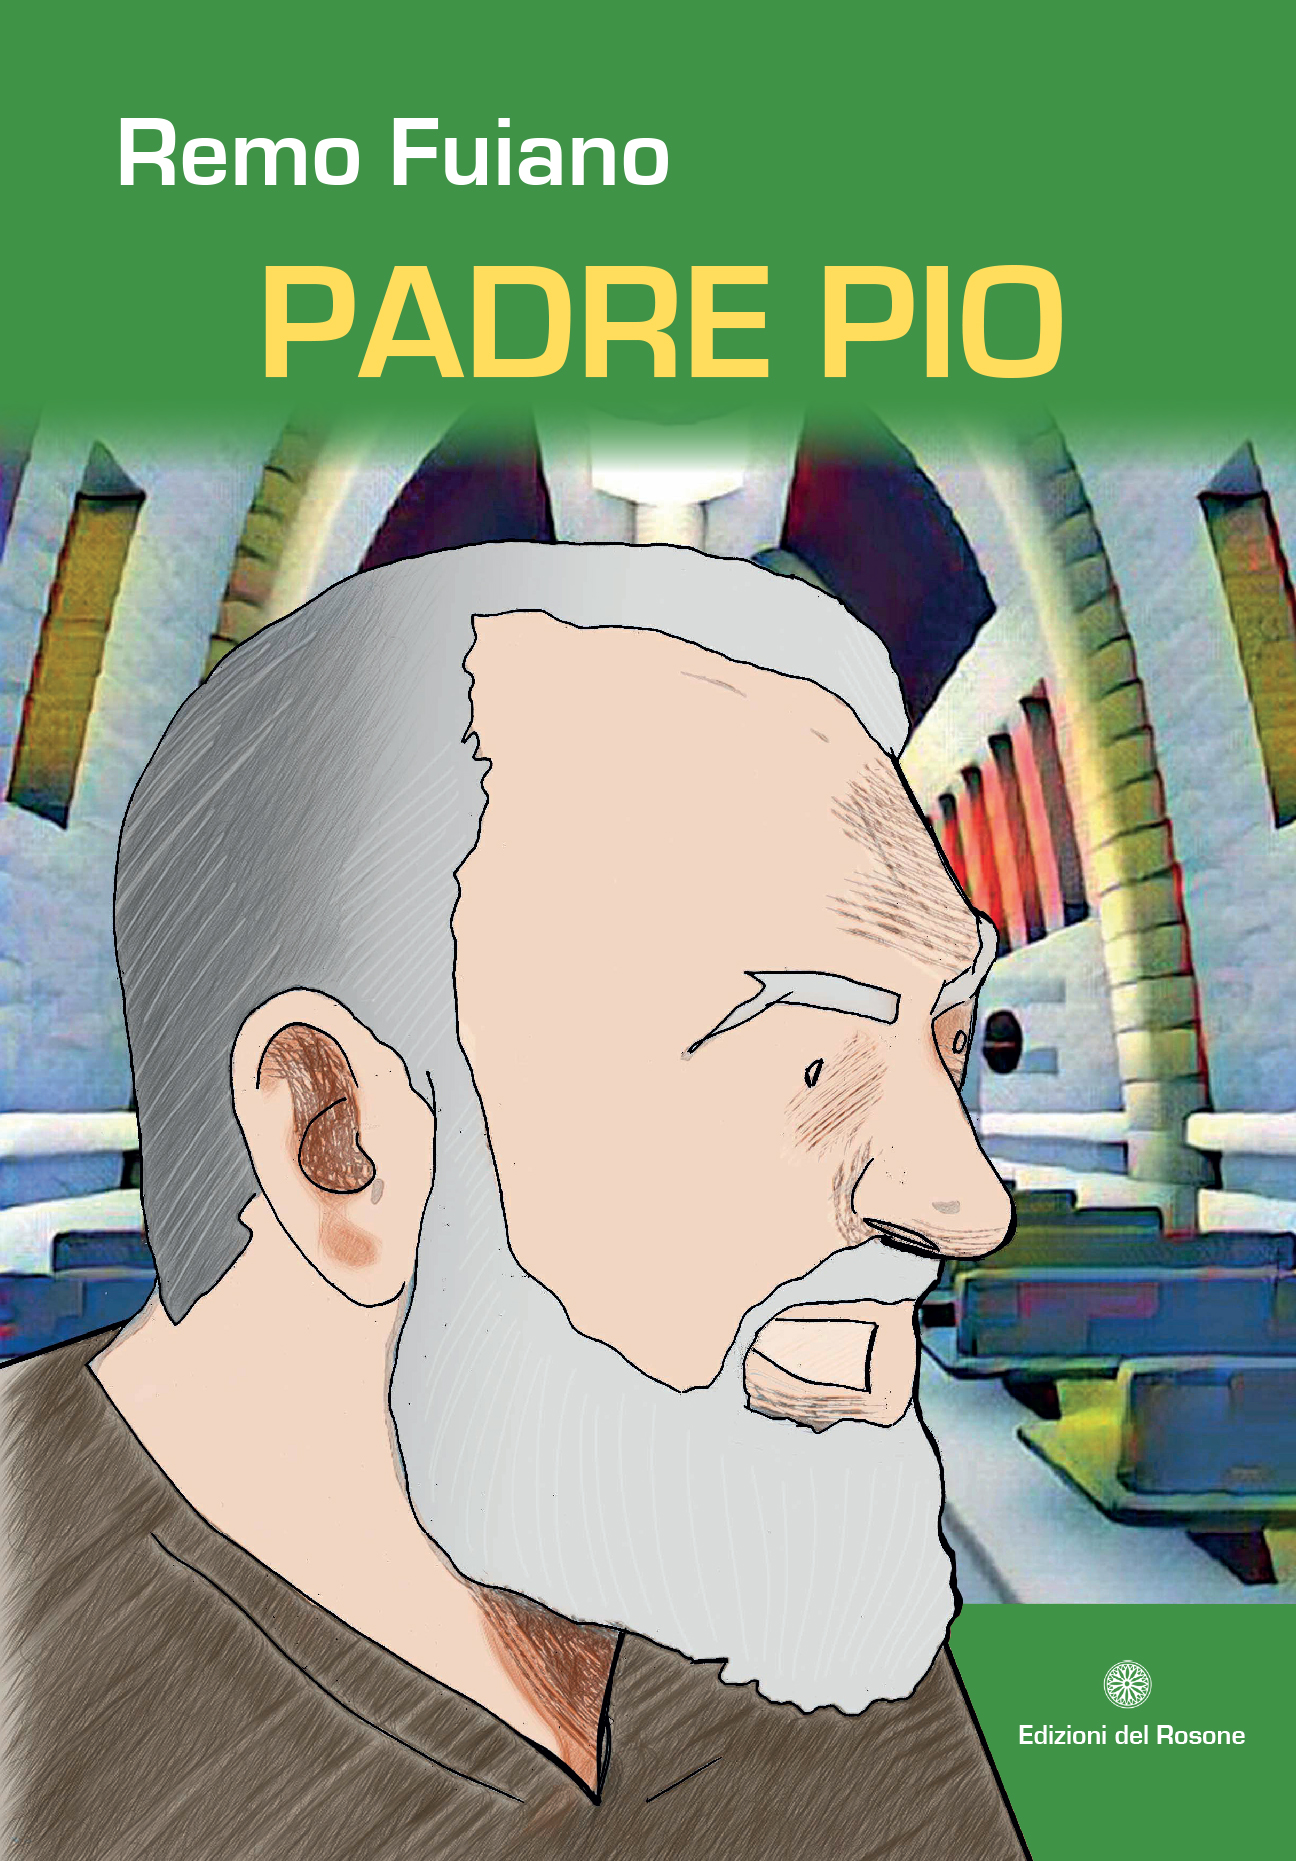 copertina-padre-pio-di-remo-fuiano